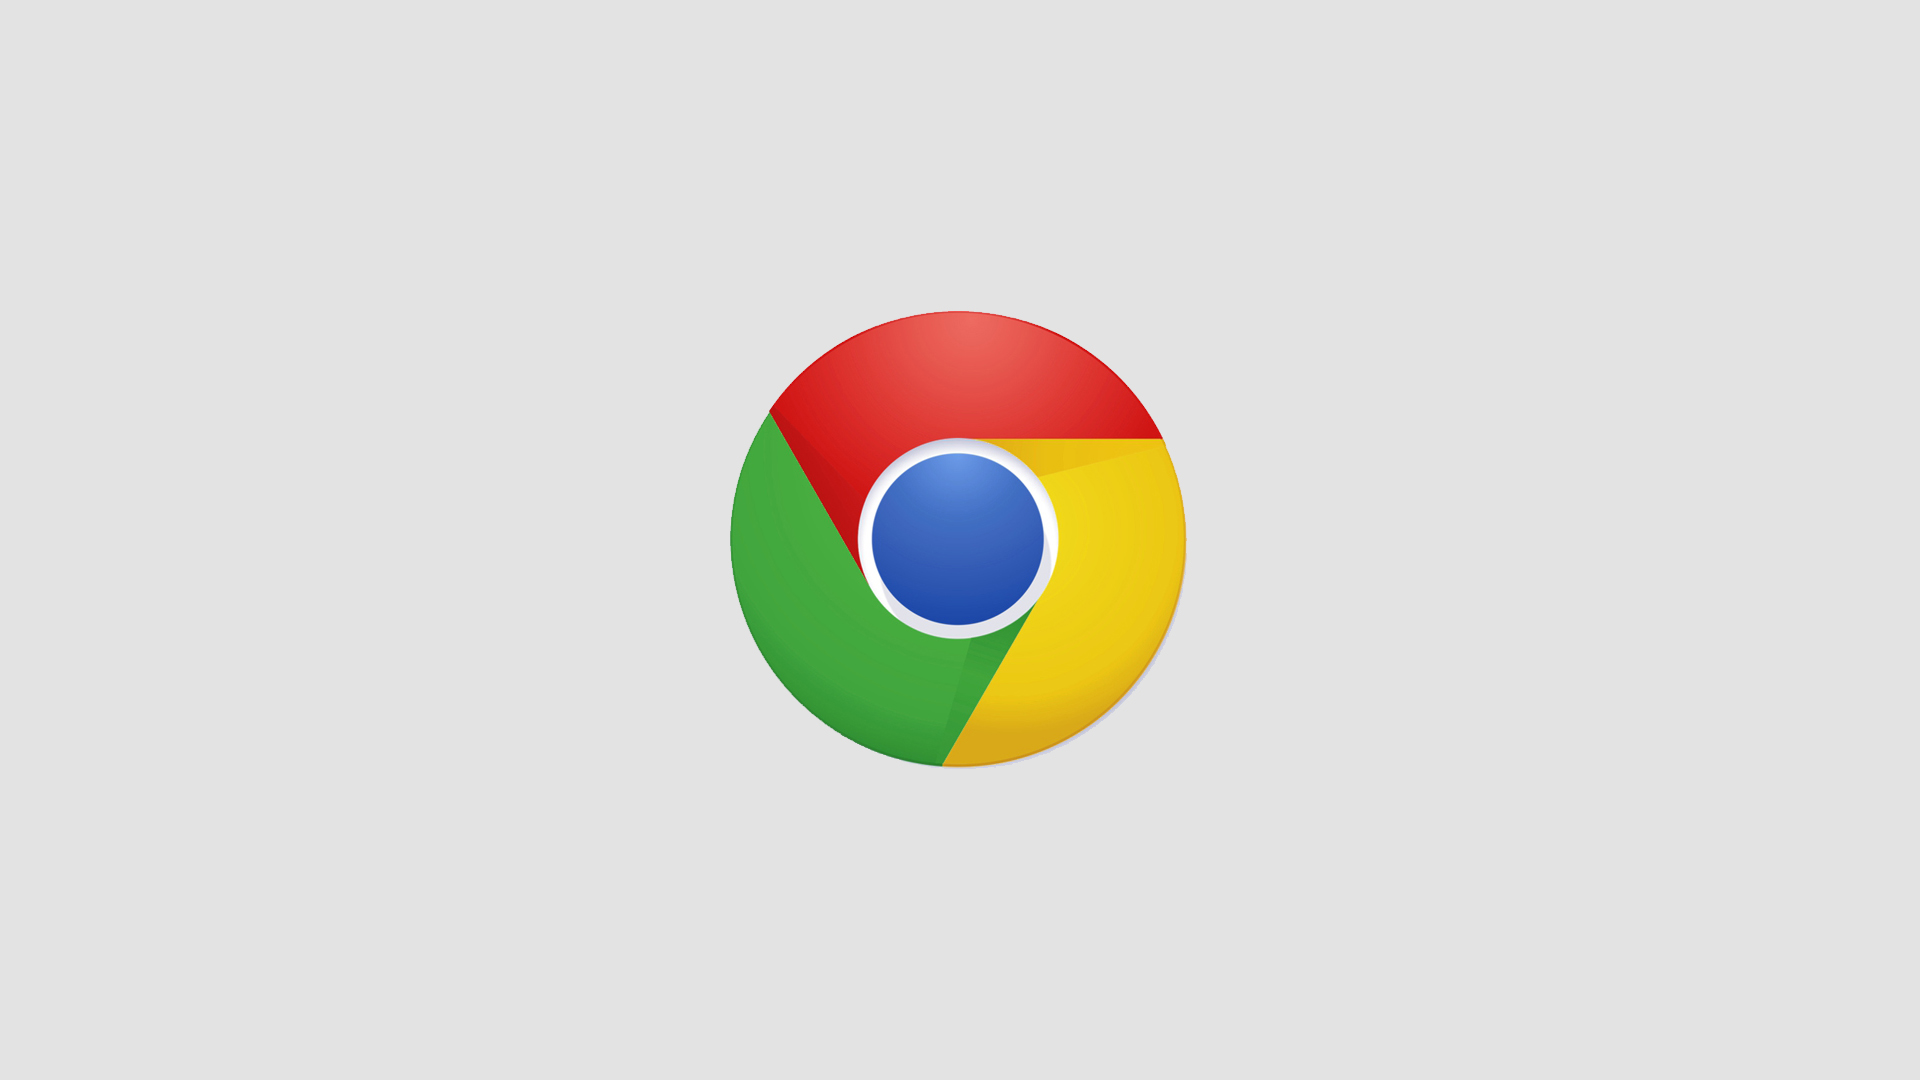 Chrome começará a bloquear propagandas irregulares a partir de 2018